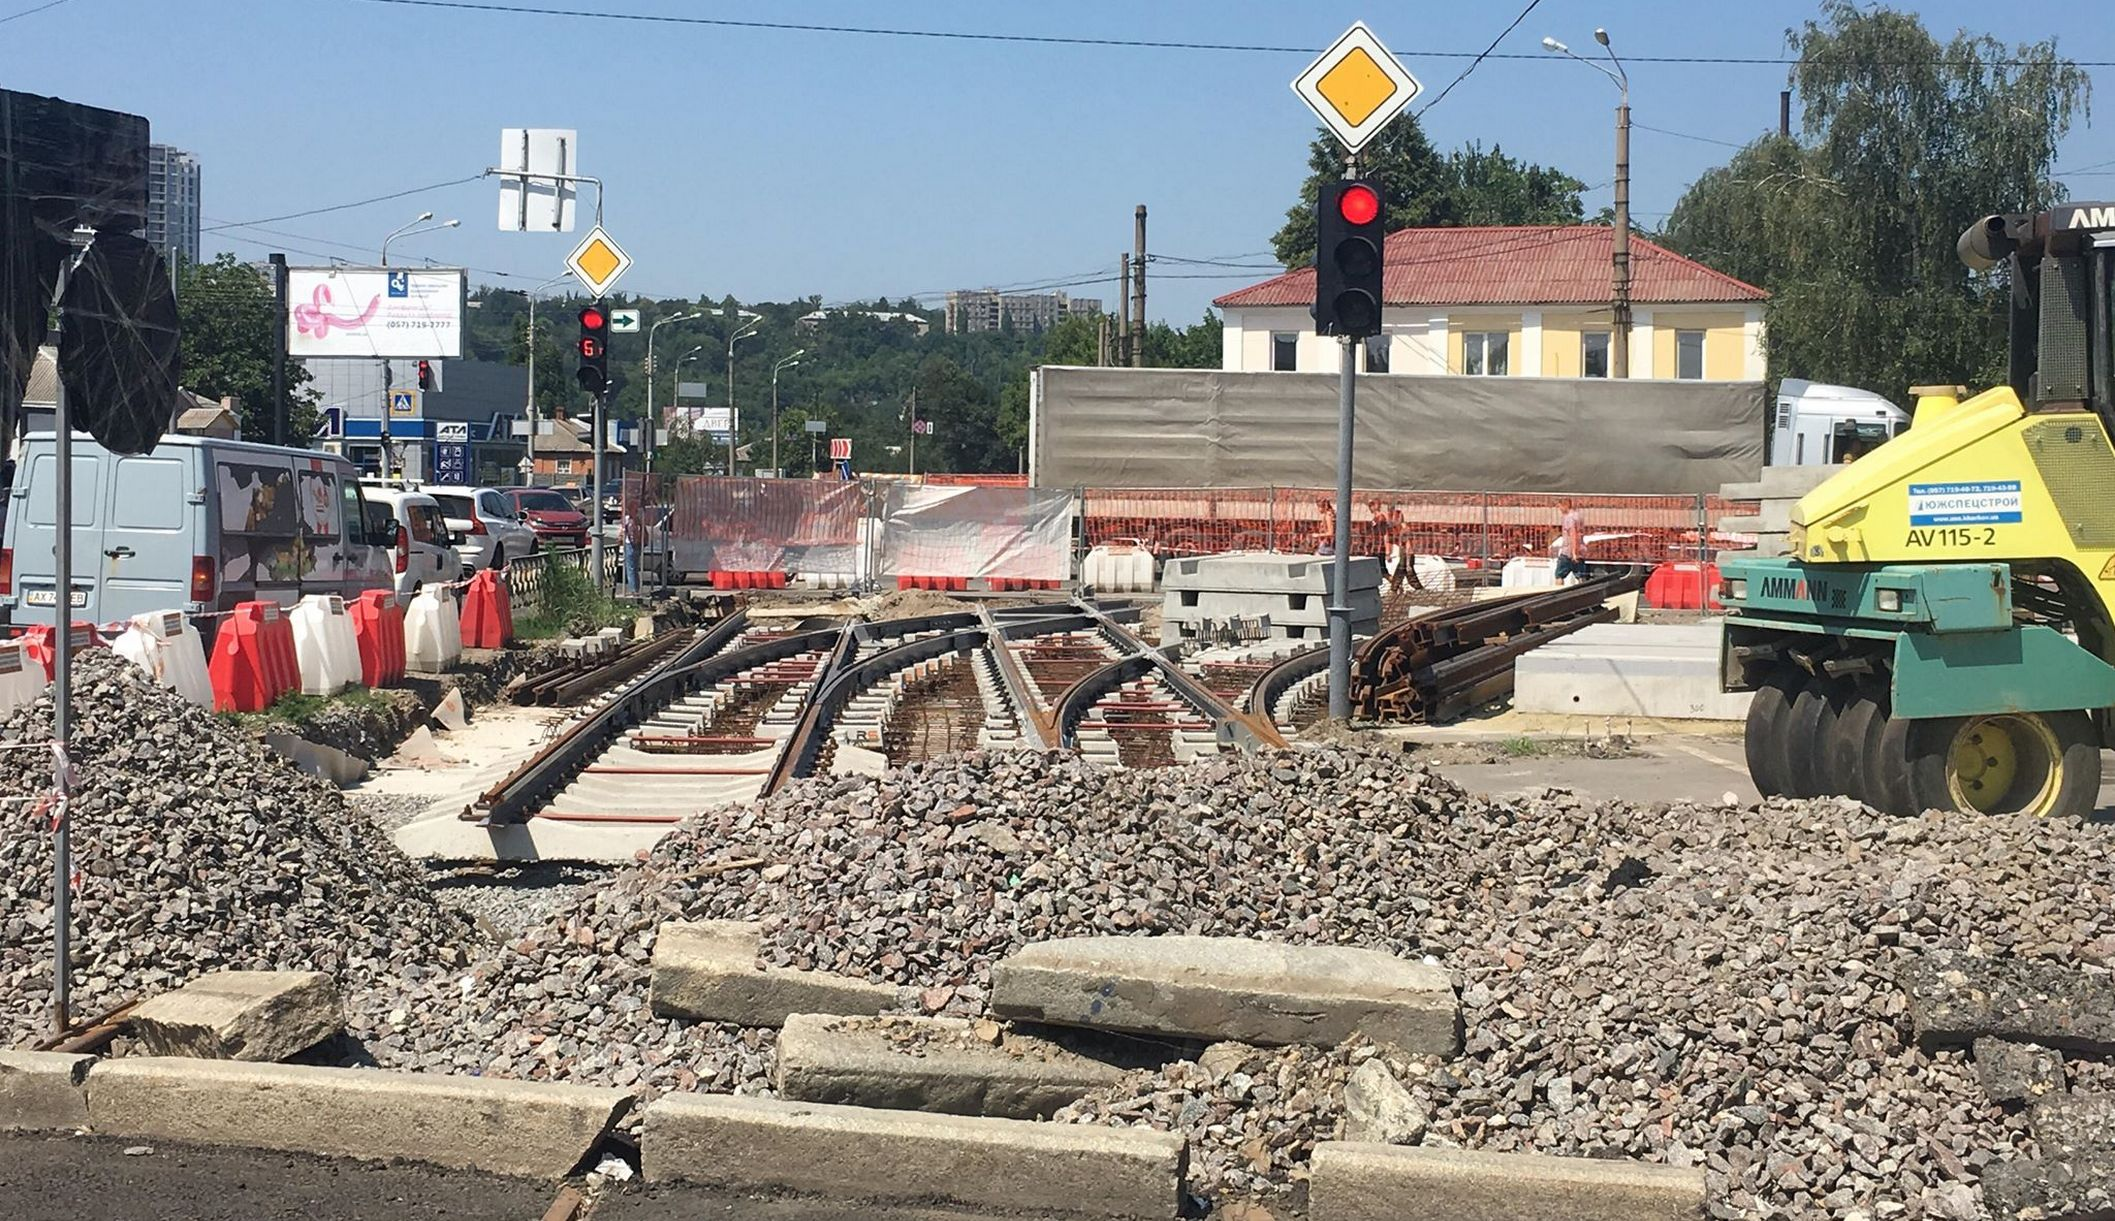 Перекресток улиц Шевченко и Матюшенко будет временно закрыт (фото)